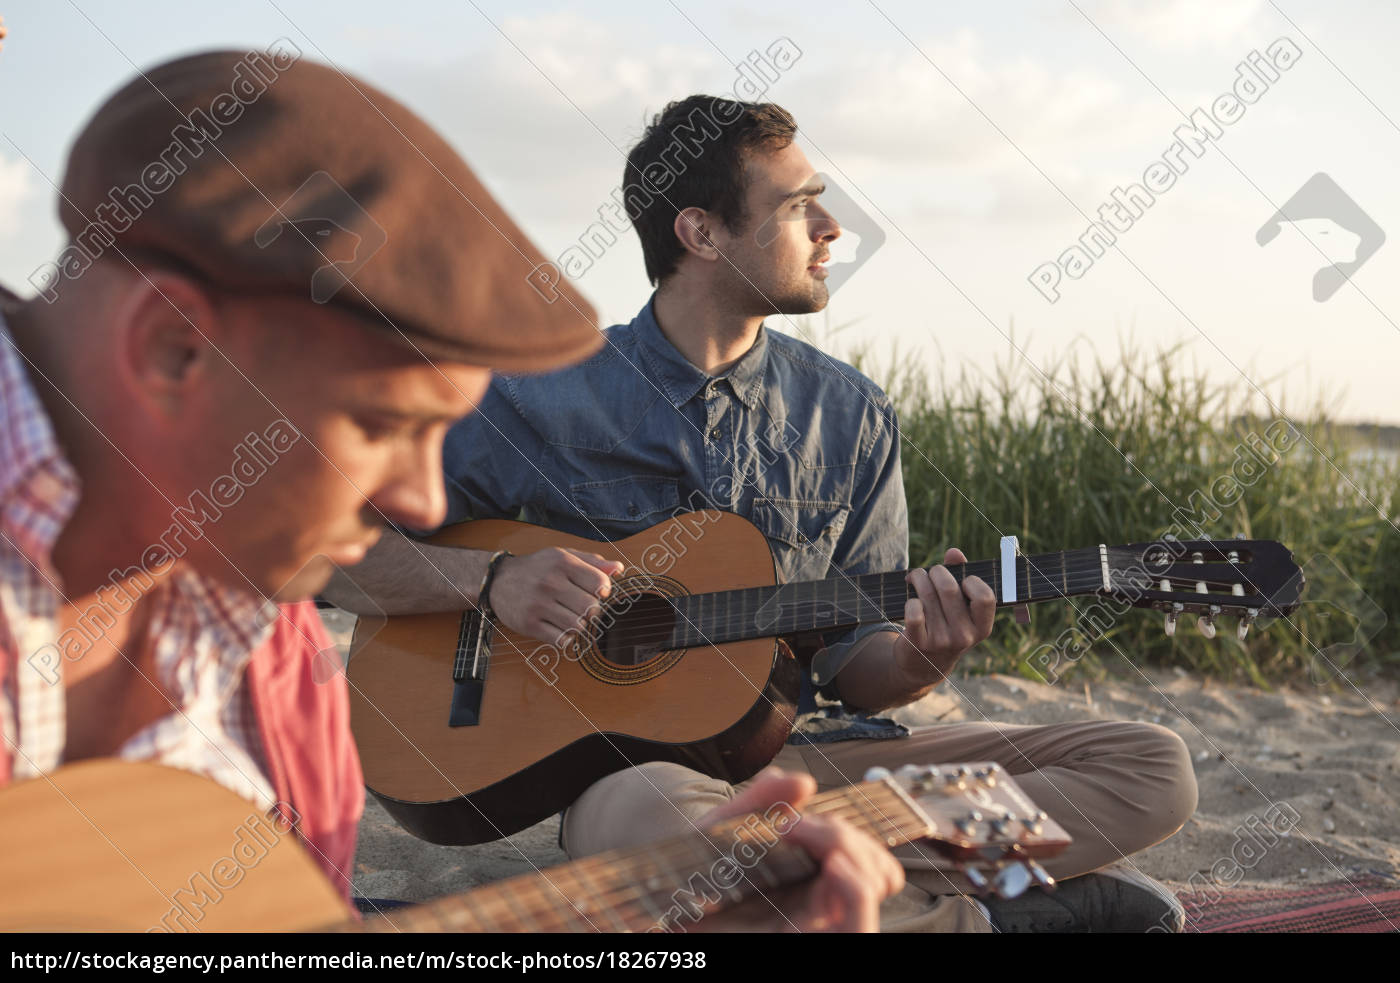 zwei, erwachsene, männliche, freunde, spielen, akustische - 18267938